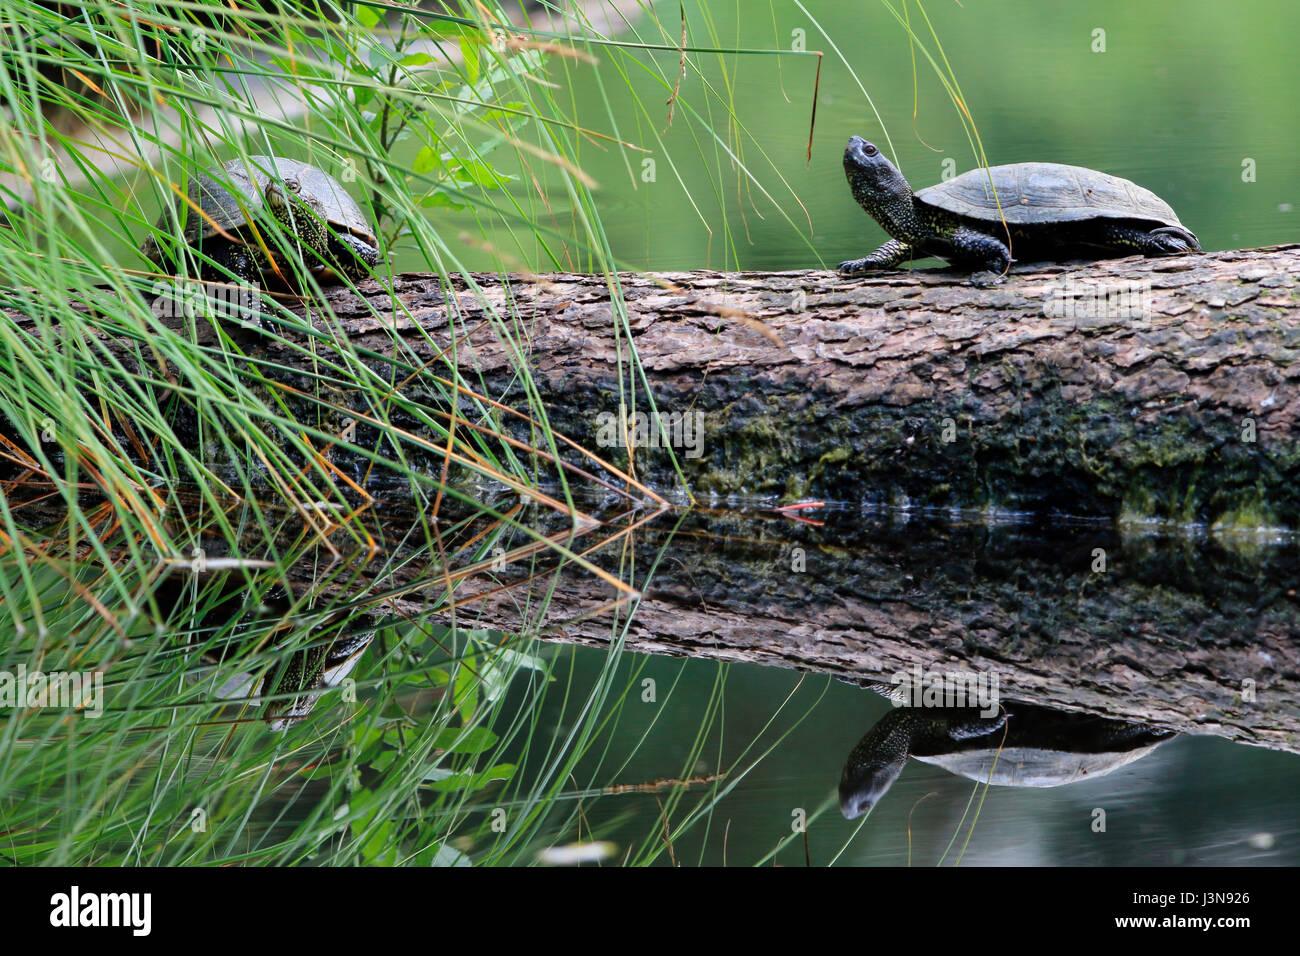 Sumpfschildkroete Europaeische, Emys orbicularis, Pfrunger-Burgweiler Moorsee, Ried, Bade-Wurtemberg, Allemagne, Photo Stock